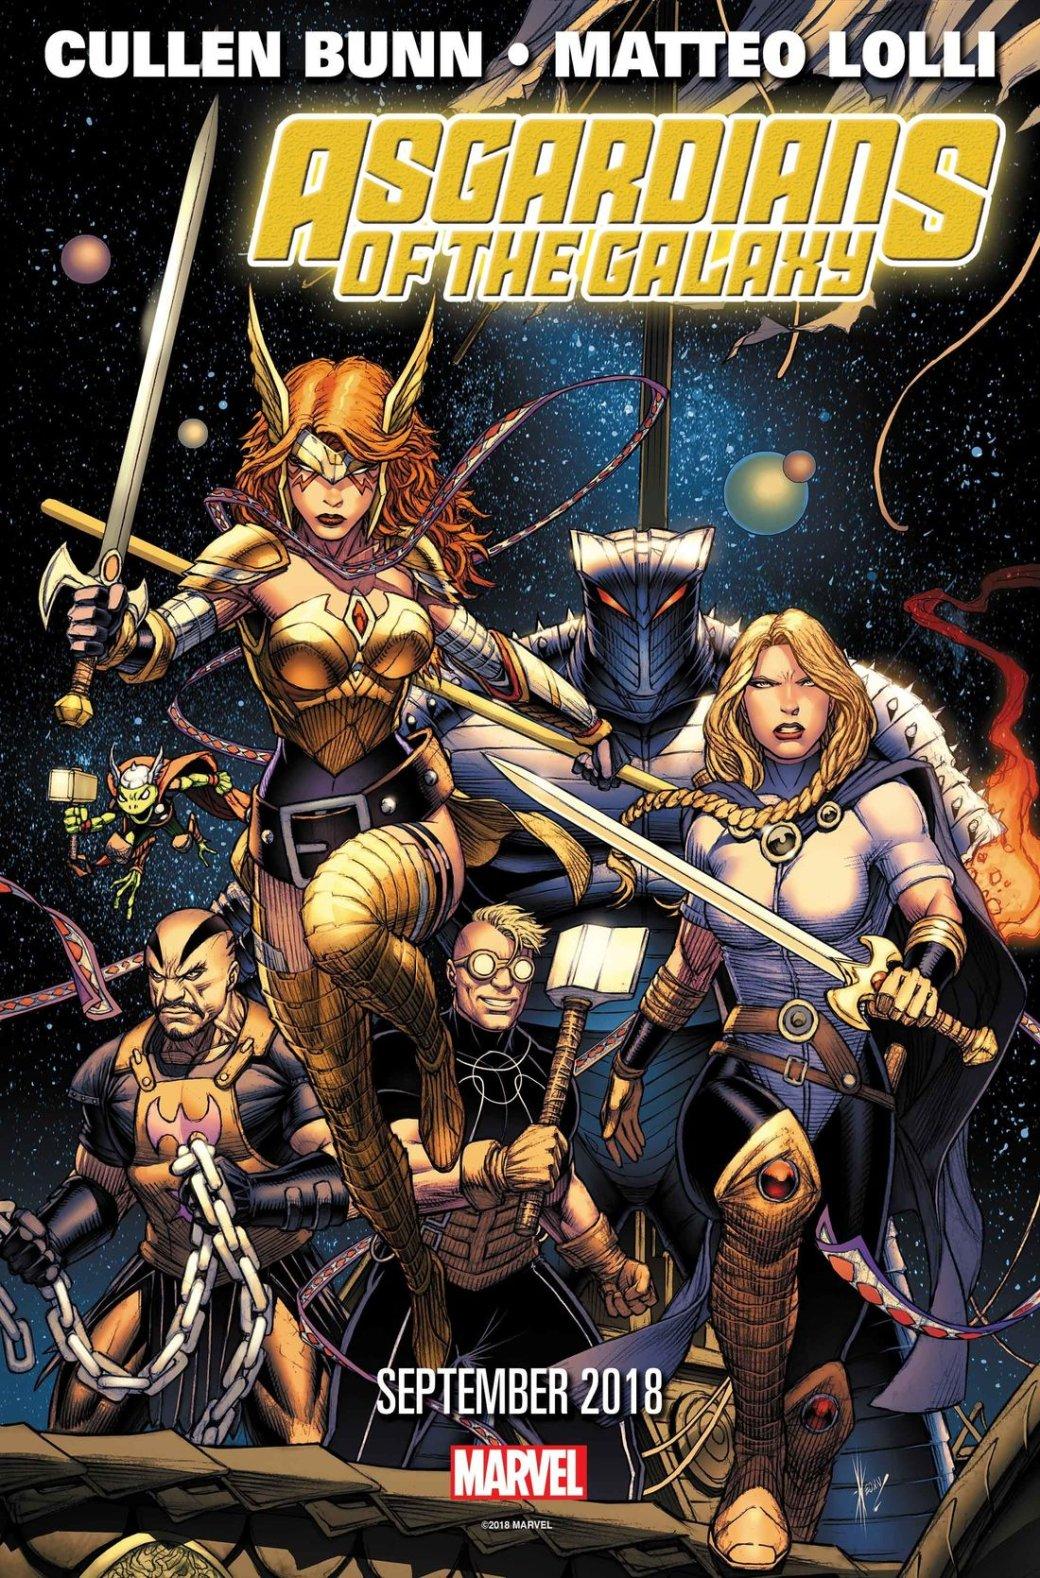 ИзСтражей Асгарда вСтражи Галактики: Marvel представила новую команду космических героев | Канобу - Изображение 7729